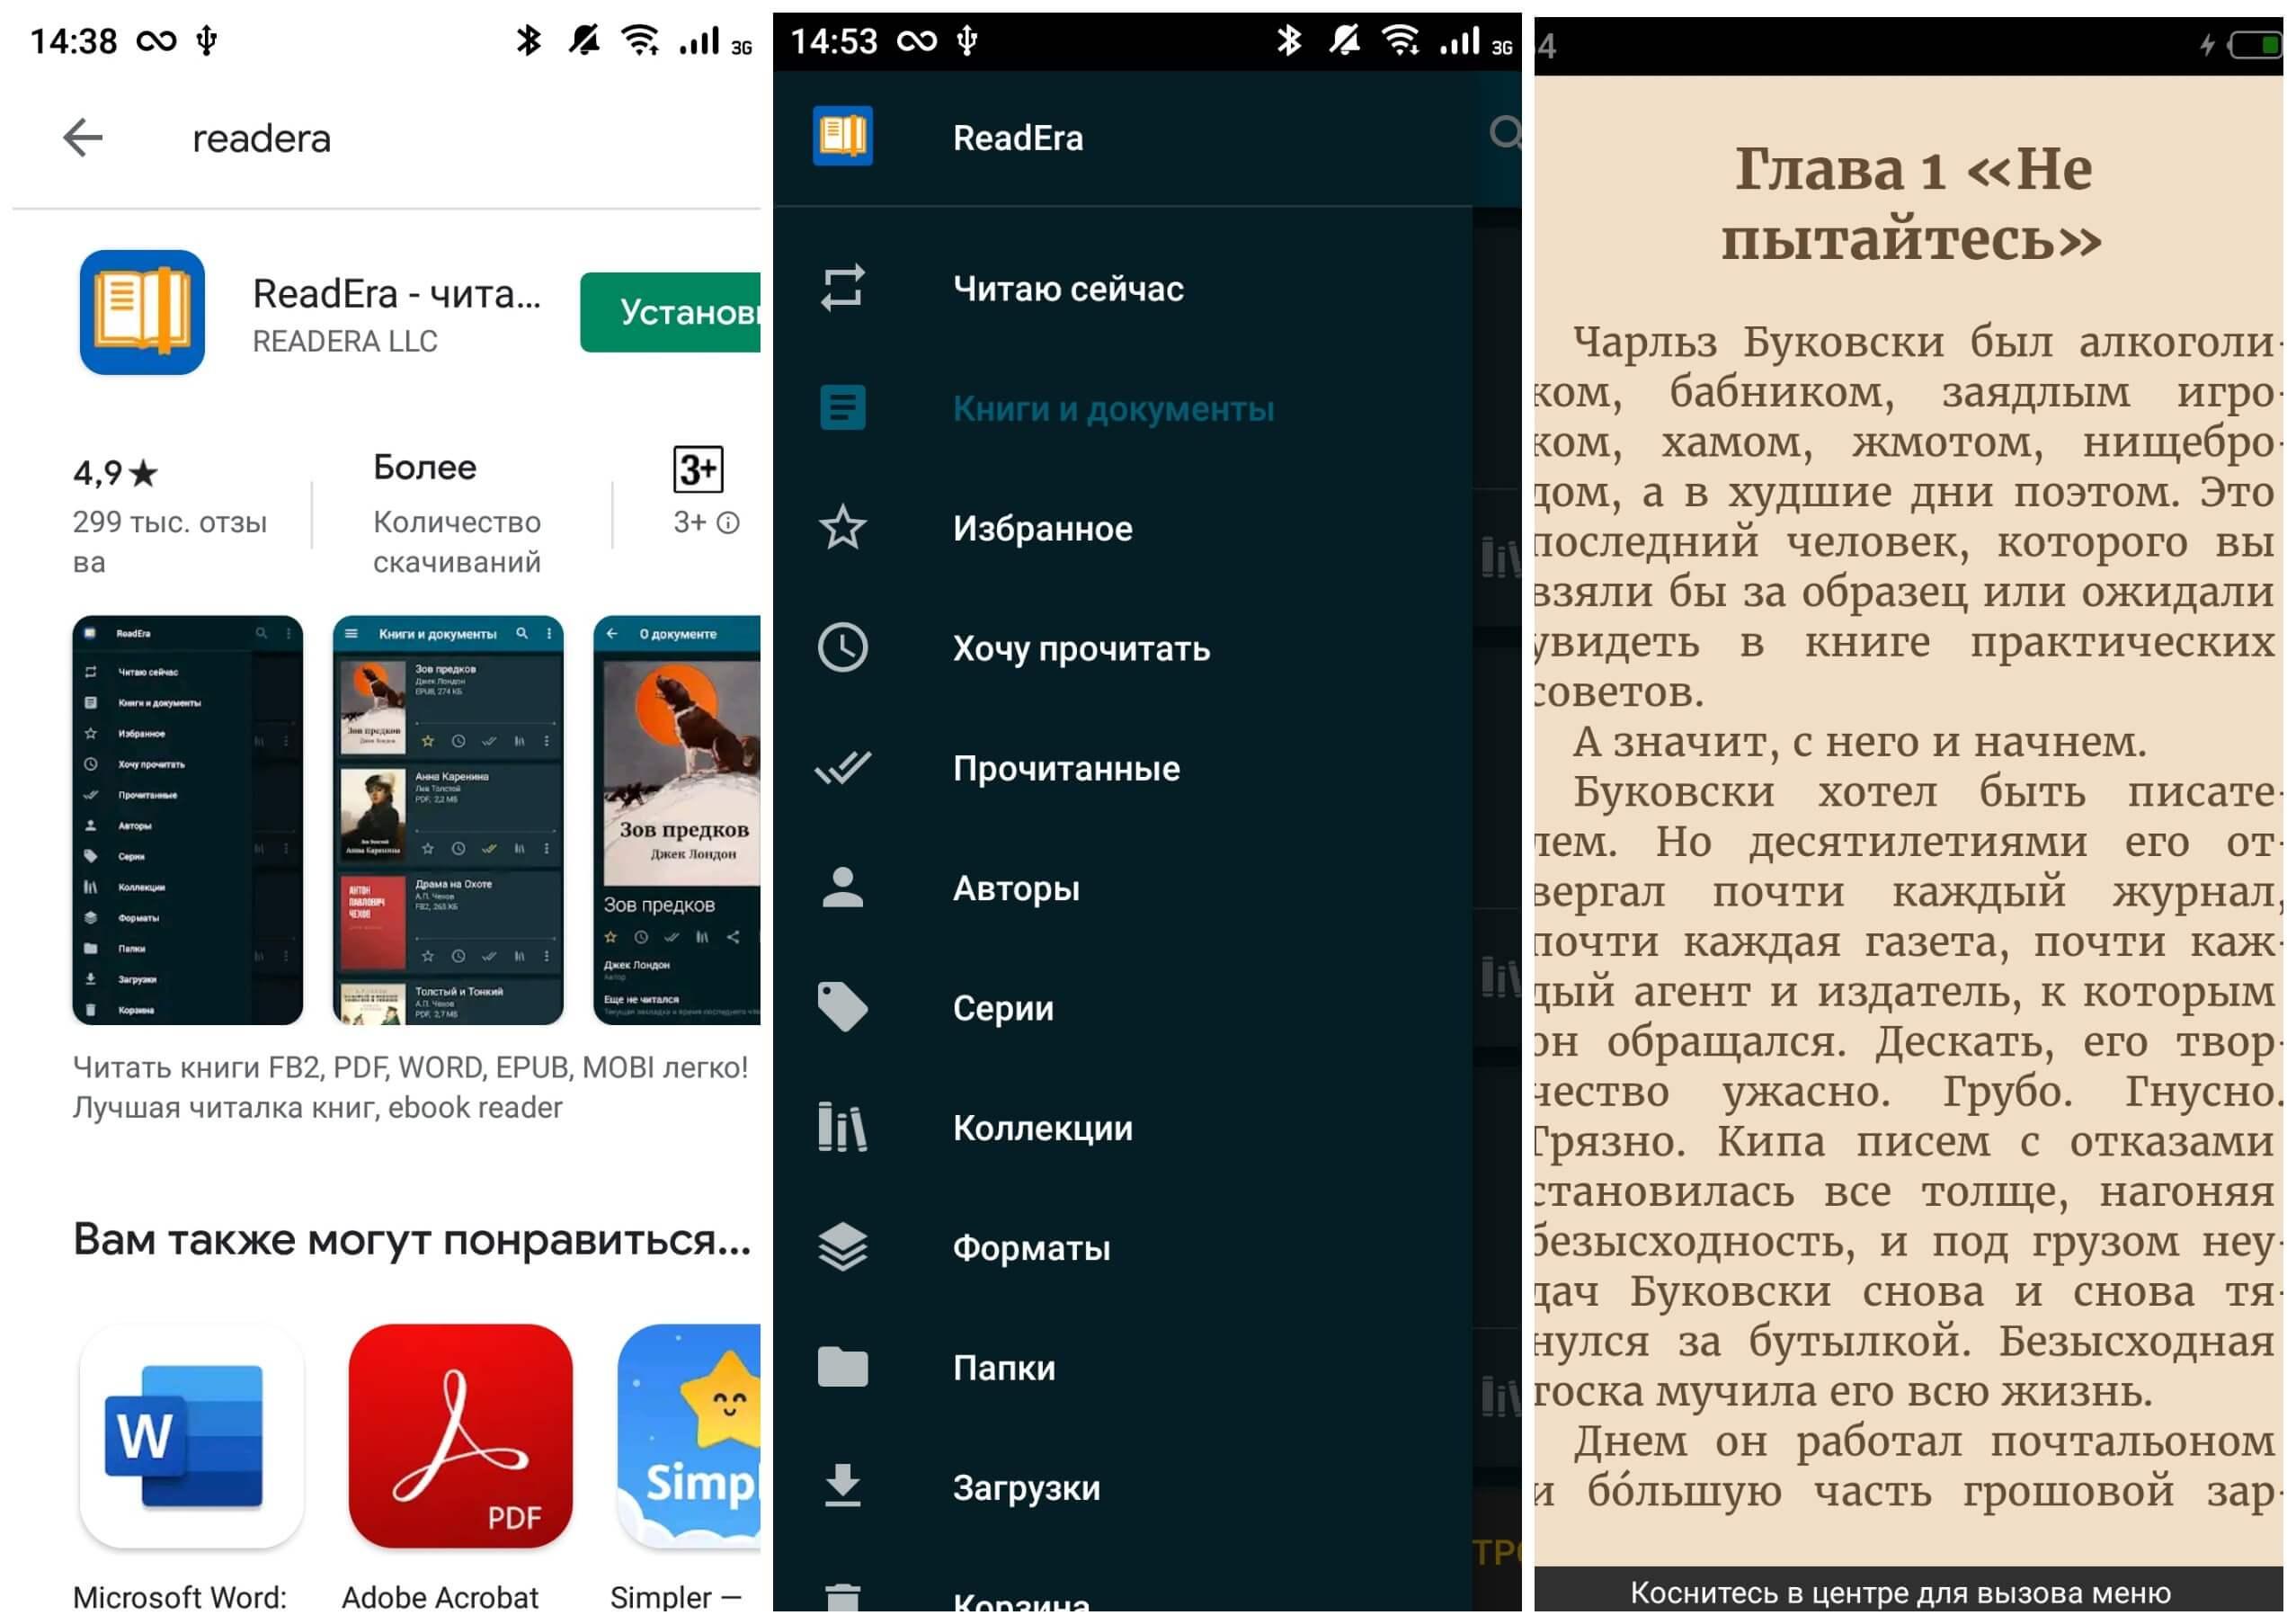 На фото изображены скриншоты приложения Readera.